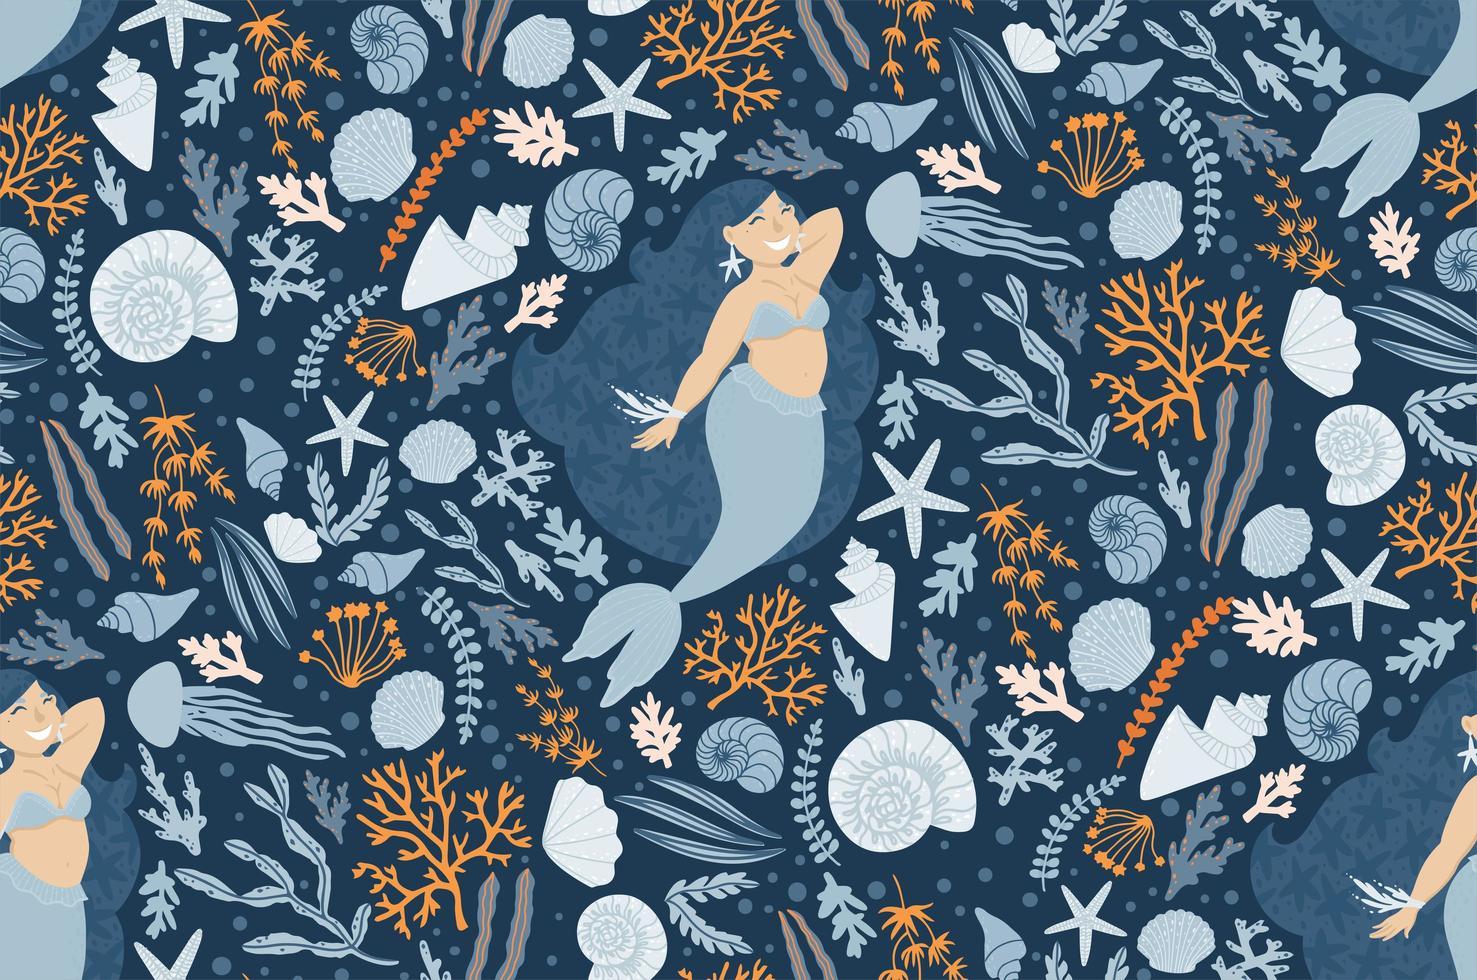 niedliches nahtloses Muster mit Meerjungfrauen, Pflanzen und Muscheln vektor